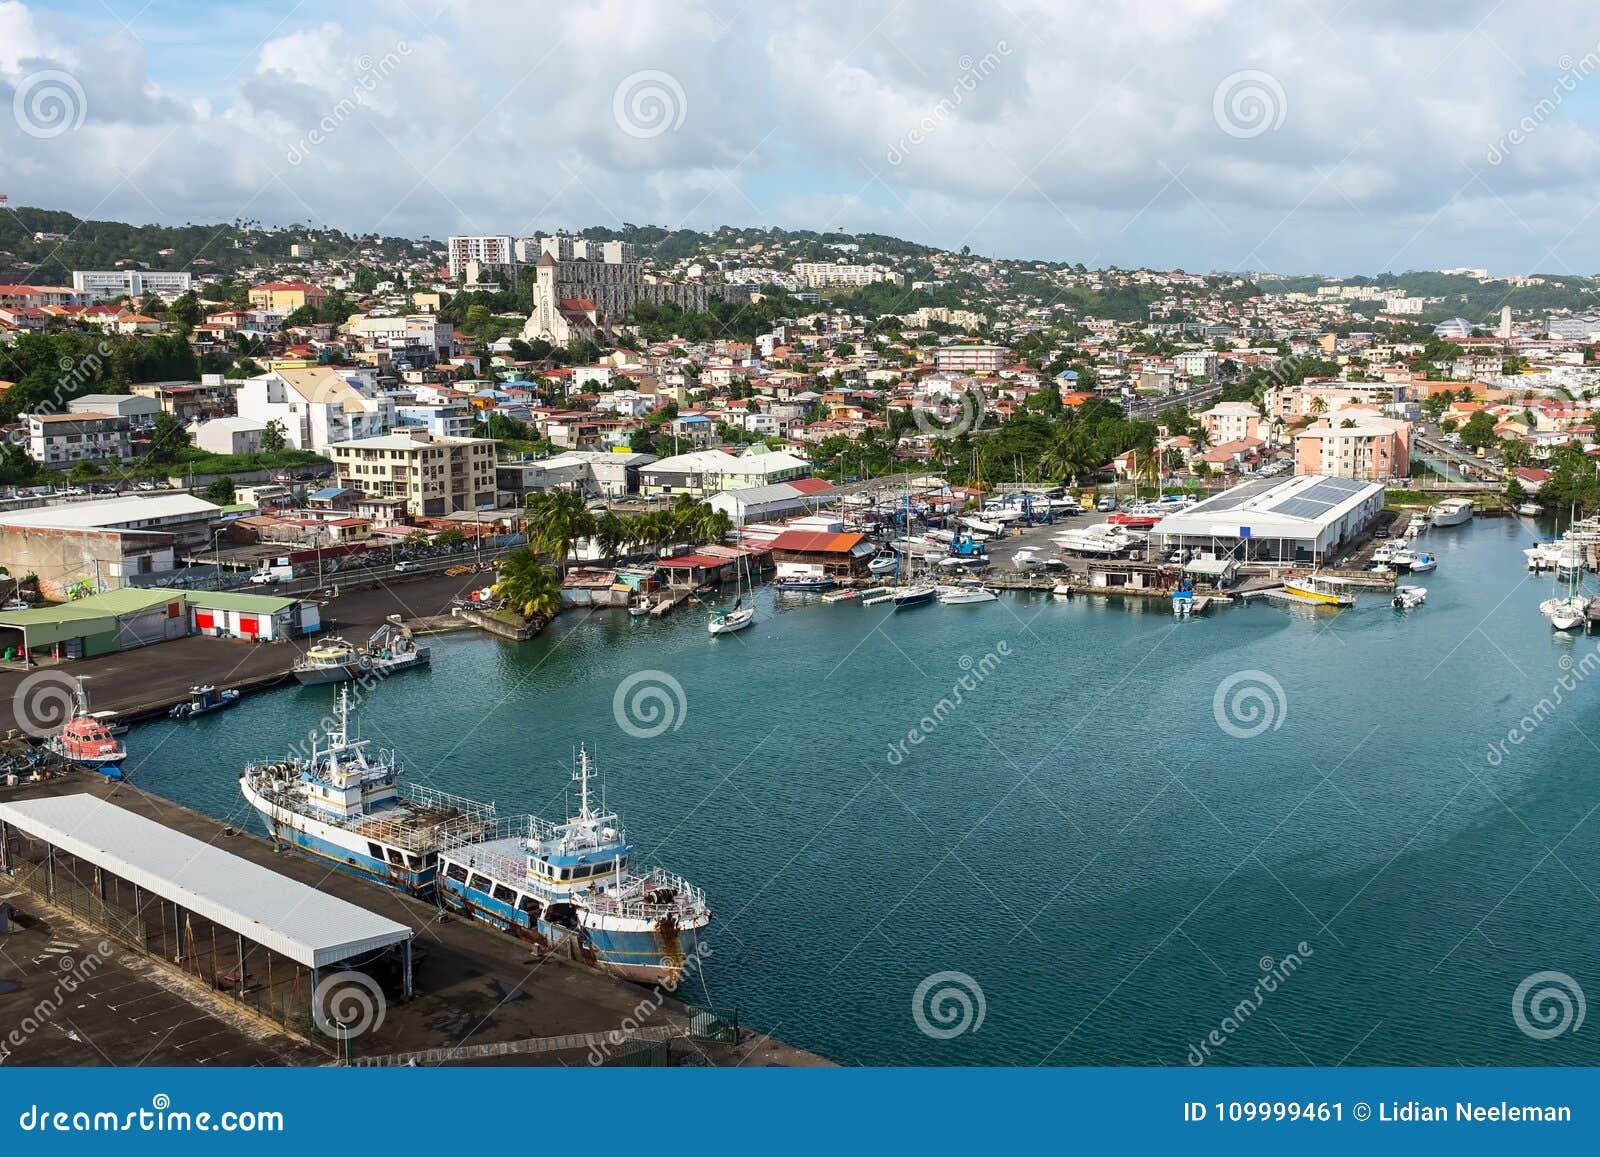 Fort de France στη Μαρτινίκα